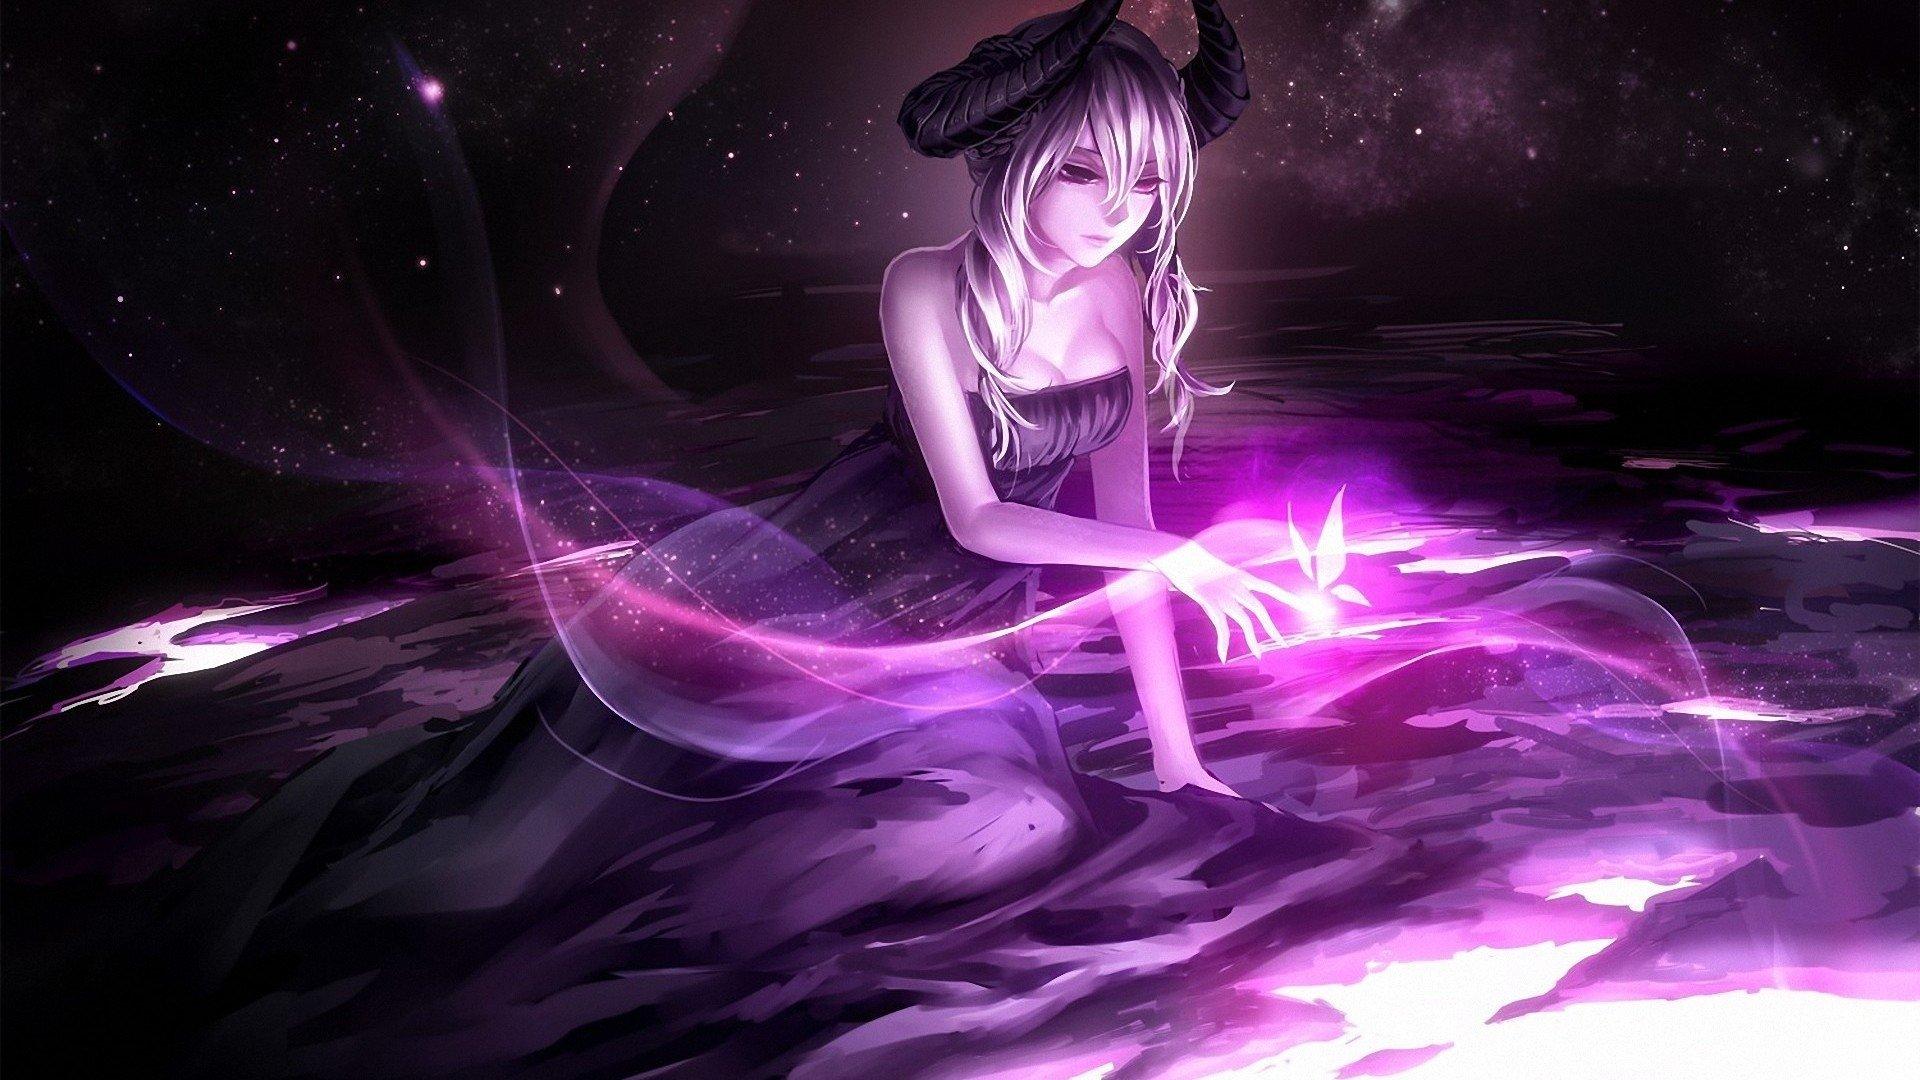 Fantasy - Women  Fantasy Woman Girl Demon Purple Horns Butterfly Wallpaper